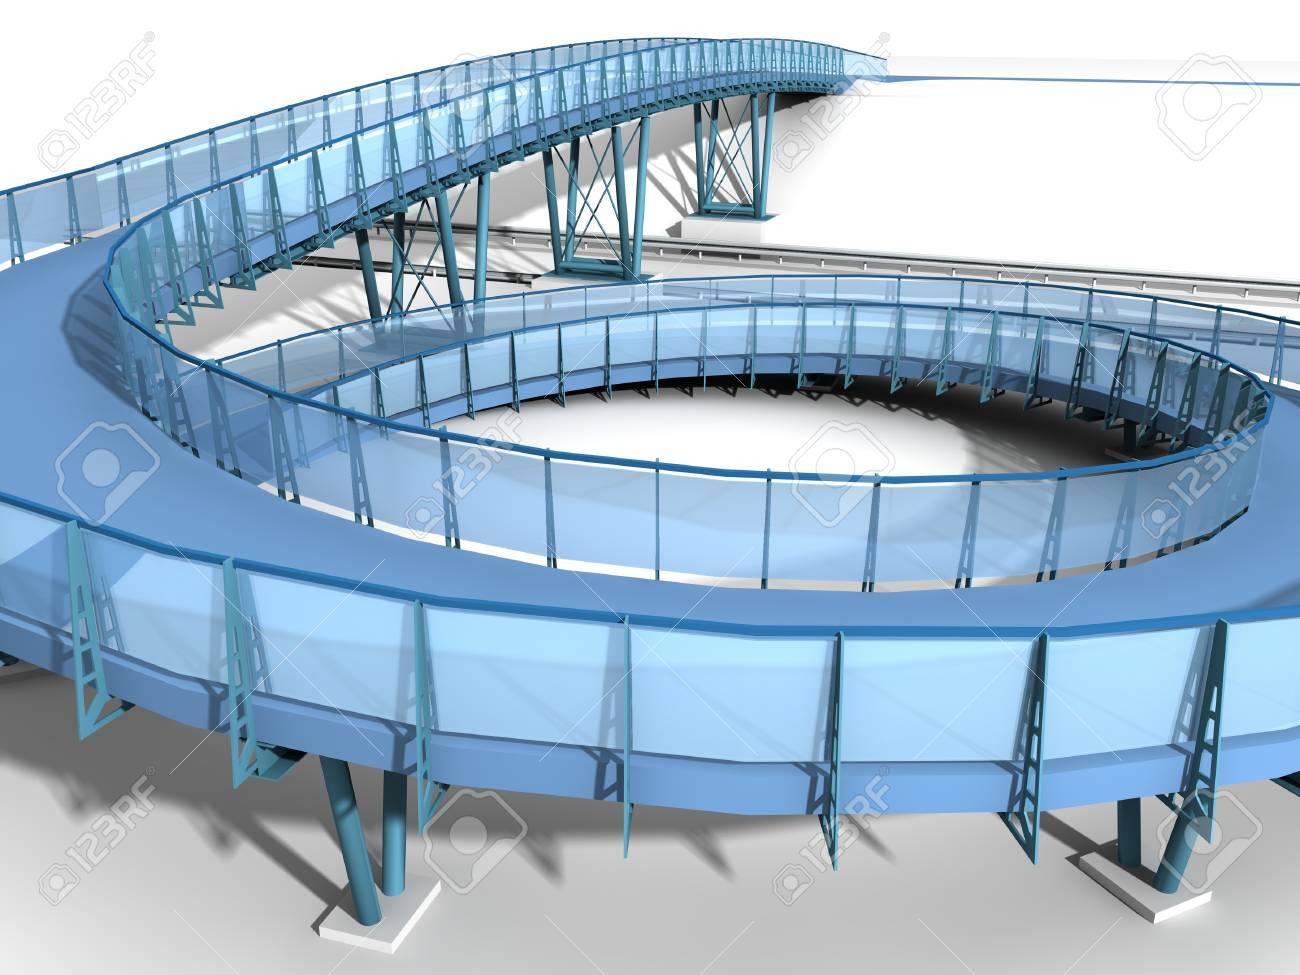 Steel blue bridge isolated on white background Stock Photo - 13943428